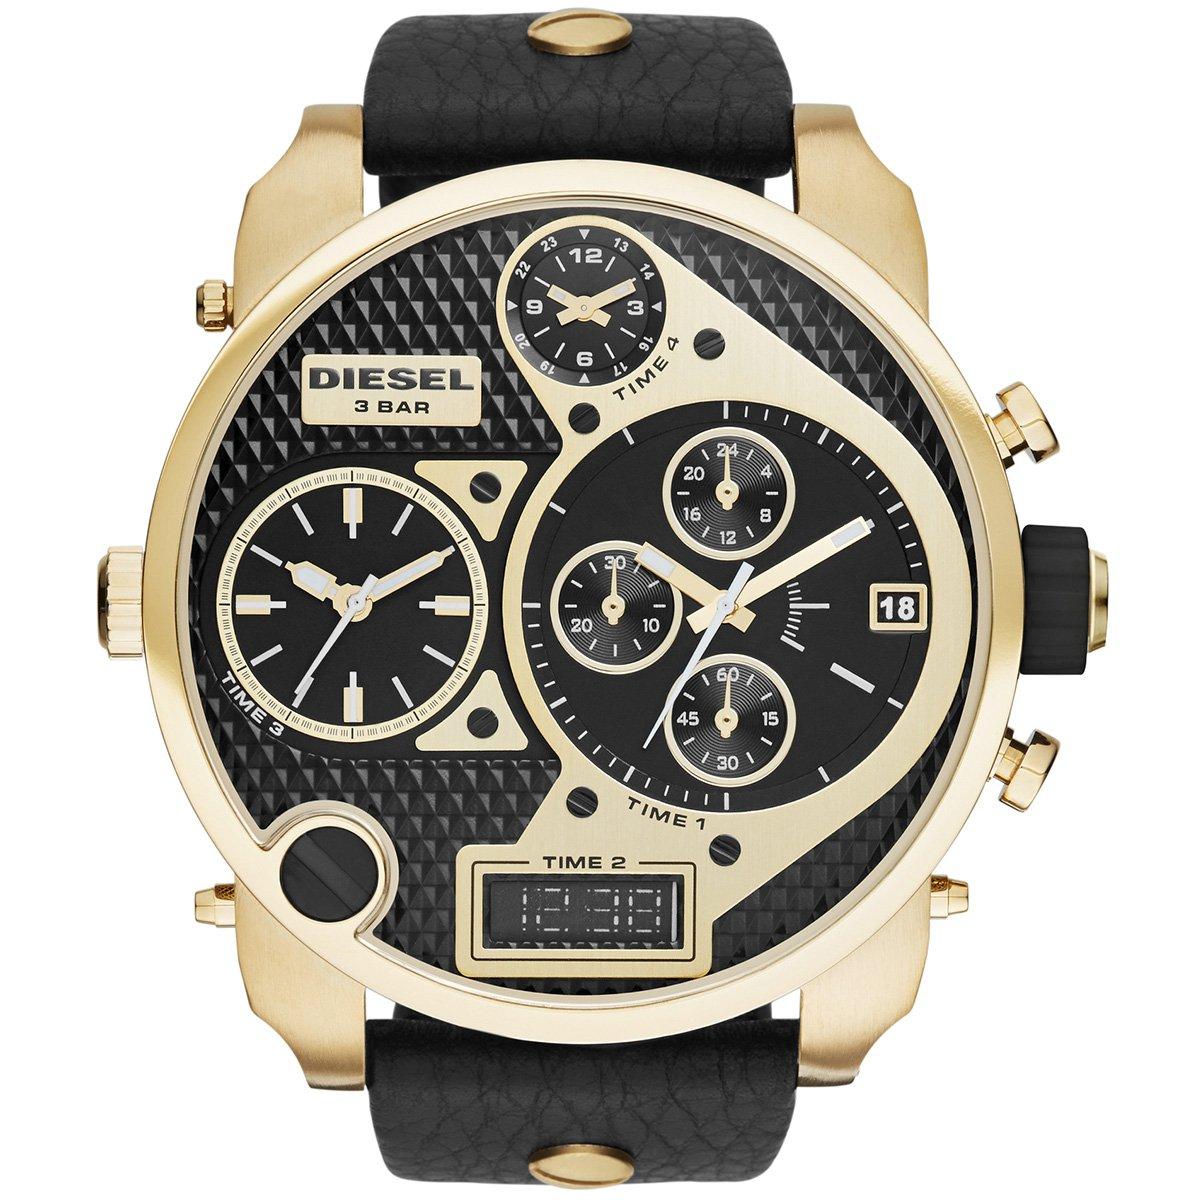 6e770daf9f0 Relógio Diesel Analógico - Compre Agora